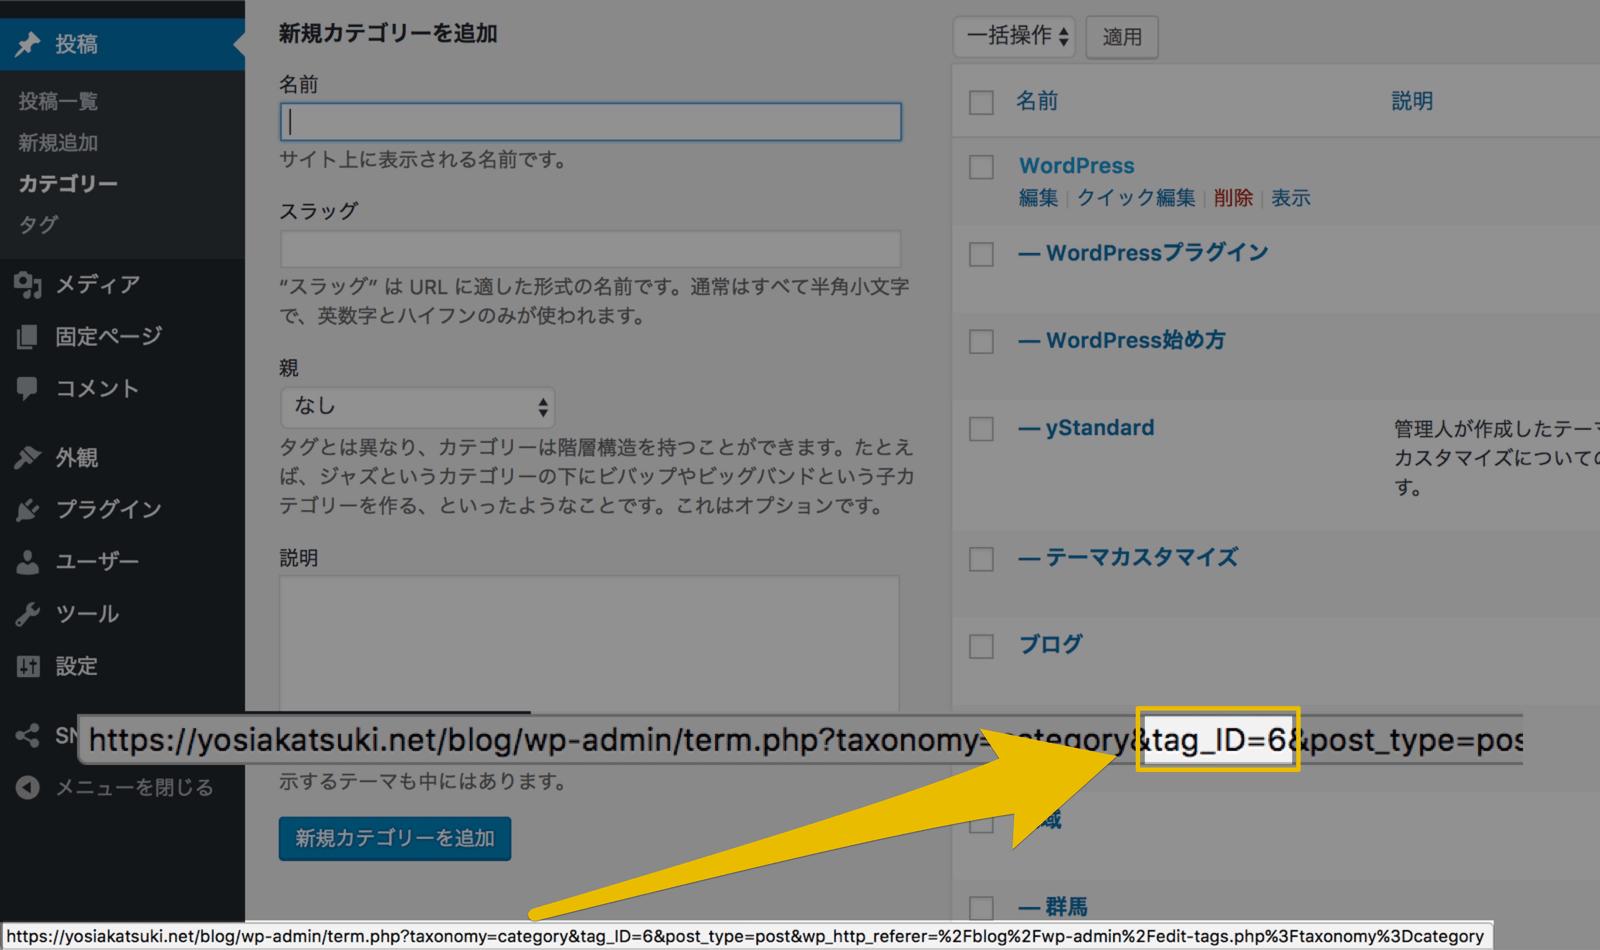 カテゴリーIDも投稿IDのときと同様に、編集ページのURLのtag_ID=xxの部分からカテゴリーIDを調べることができる